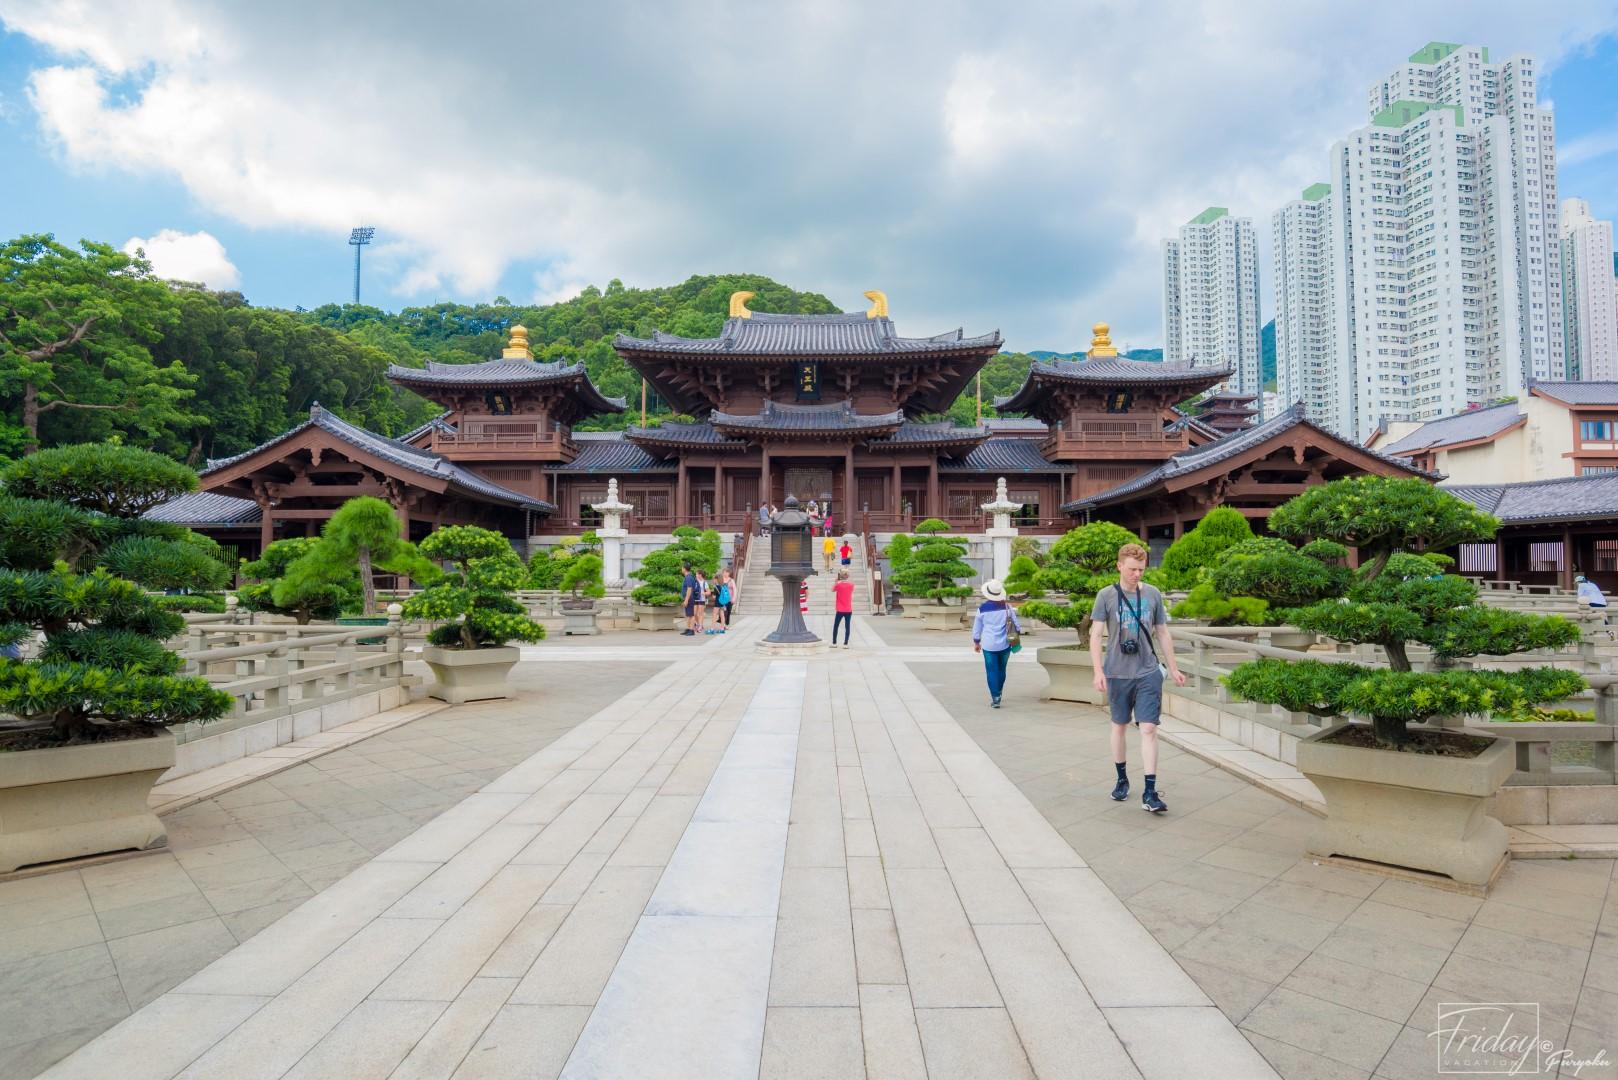 Hong Kong เที่ยว ชิม ช็อป ง่ายๆ สบายกระเป๋า นครศรีดีย์